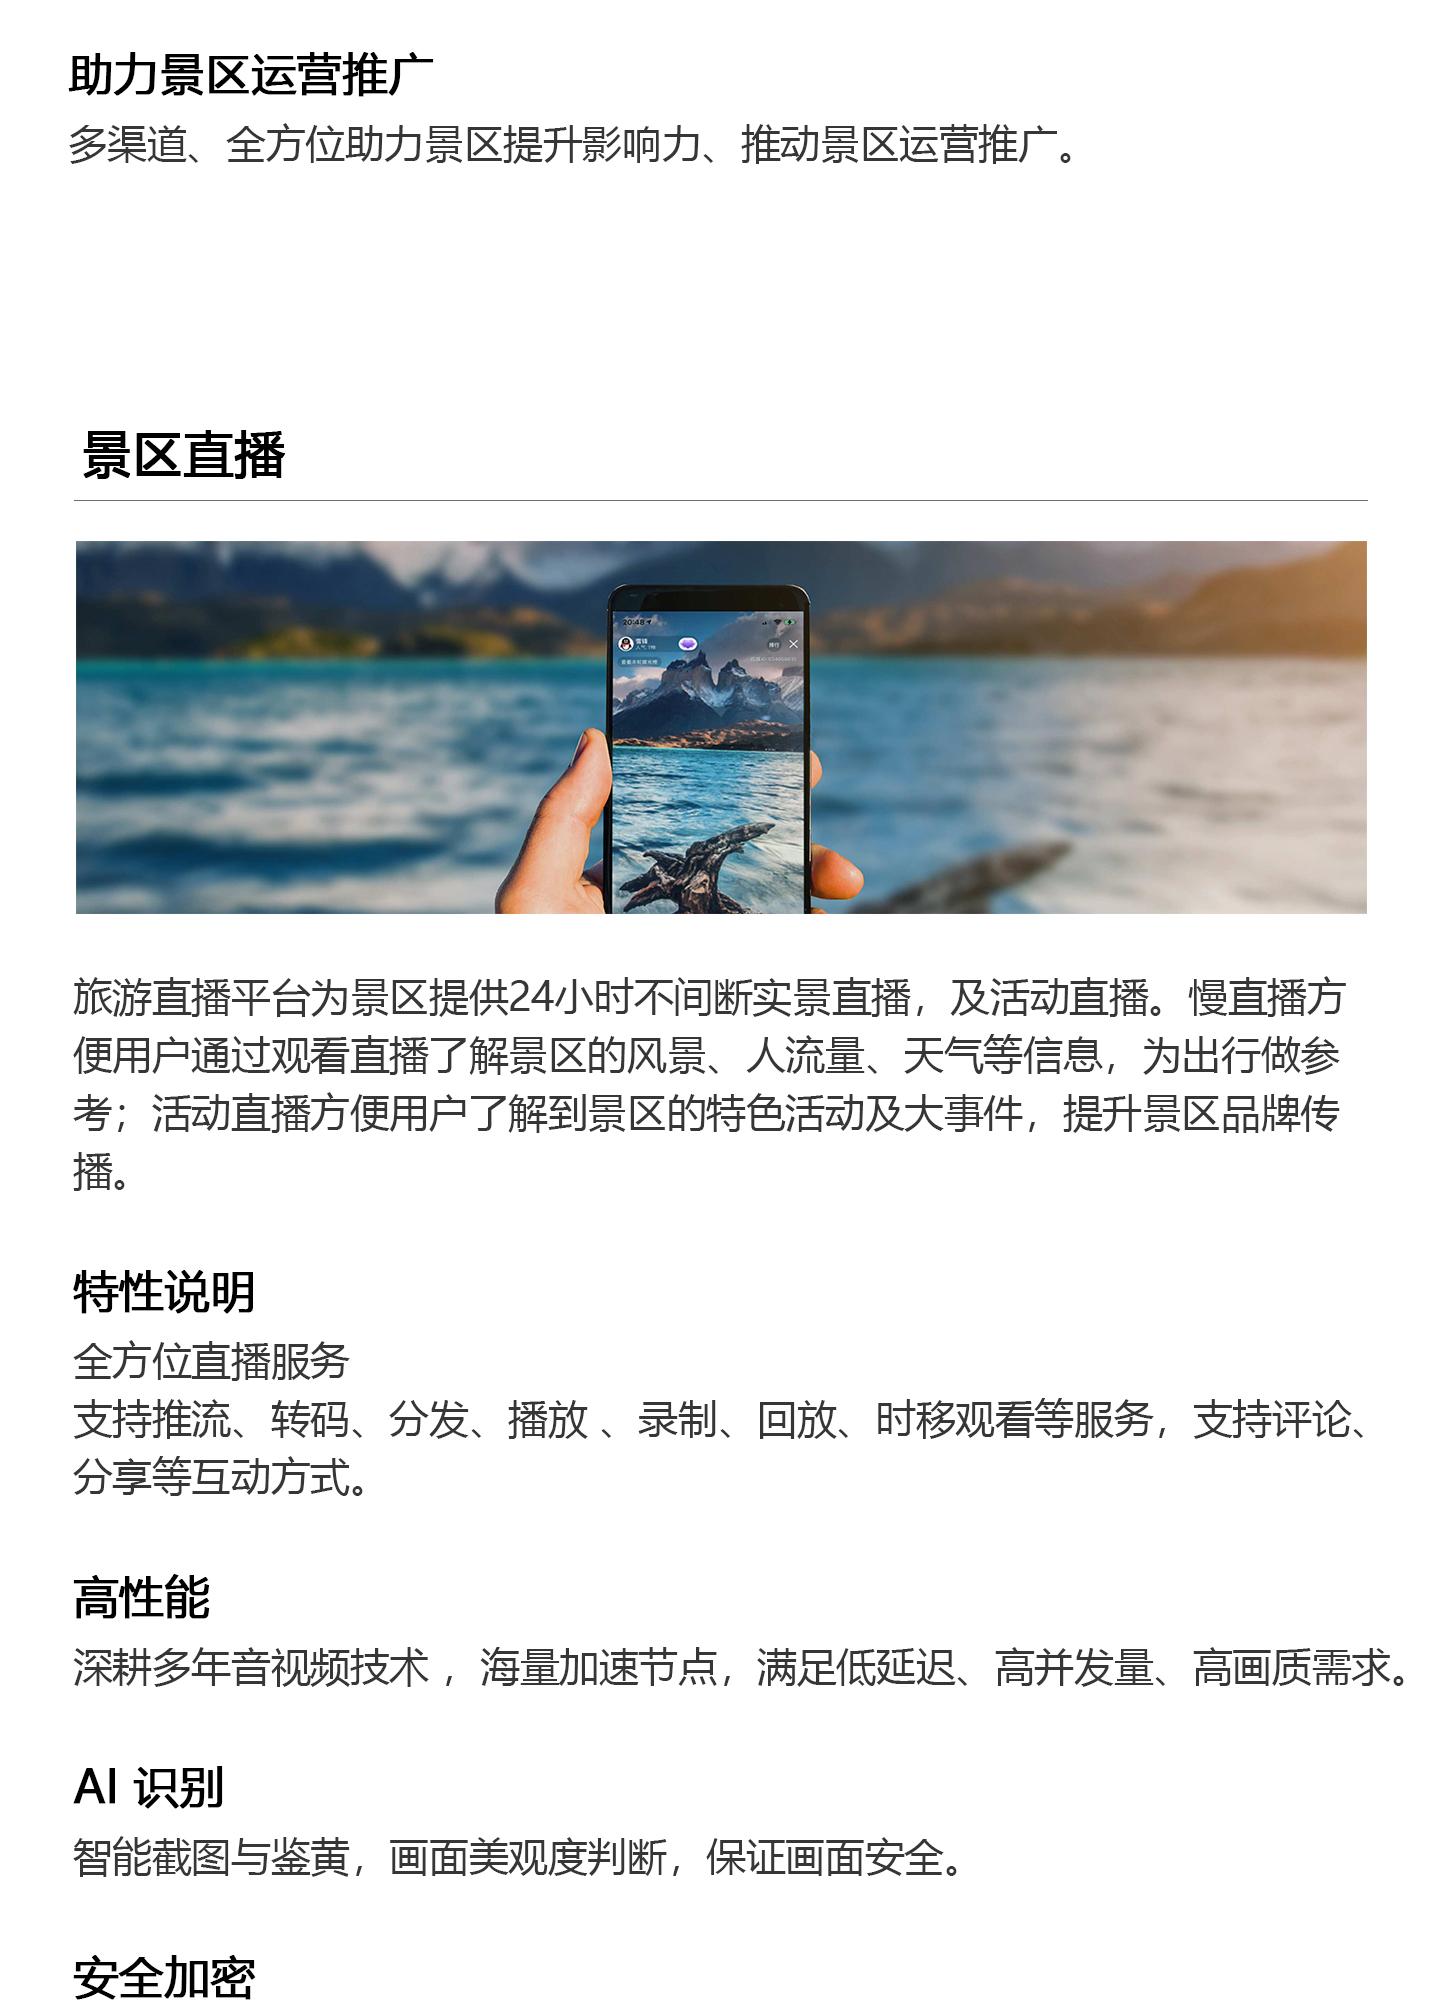 文旅行业解决方案1440_06.jpg